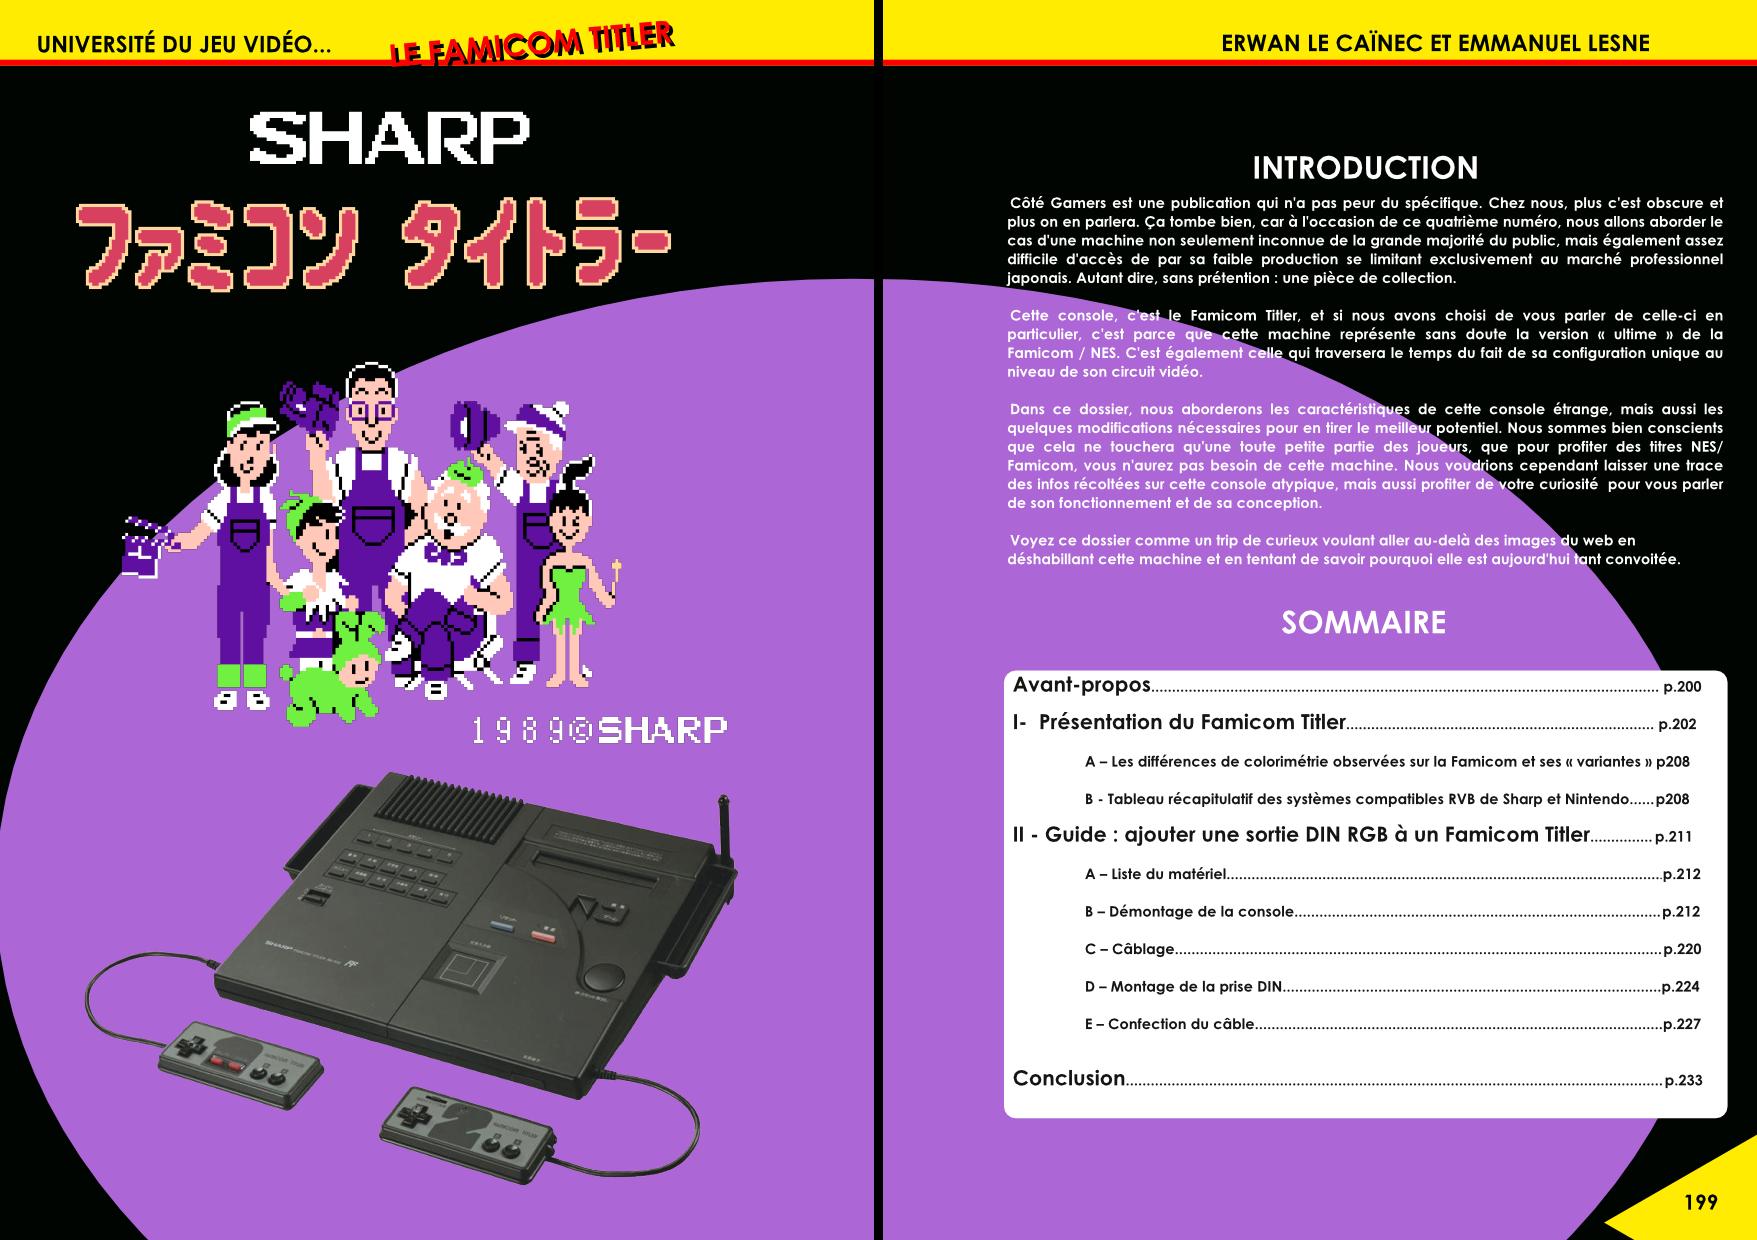 Le Famicom Titler de Sharp, une étrange Famicom, NES article de Côté Gamers